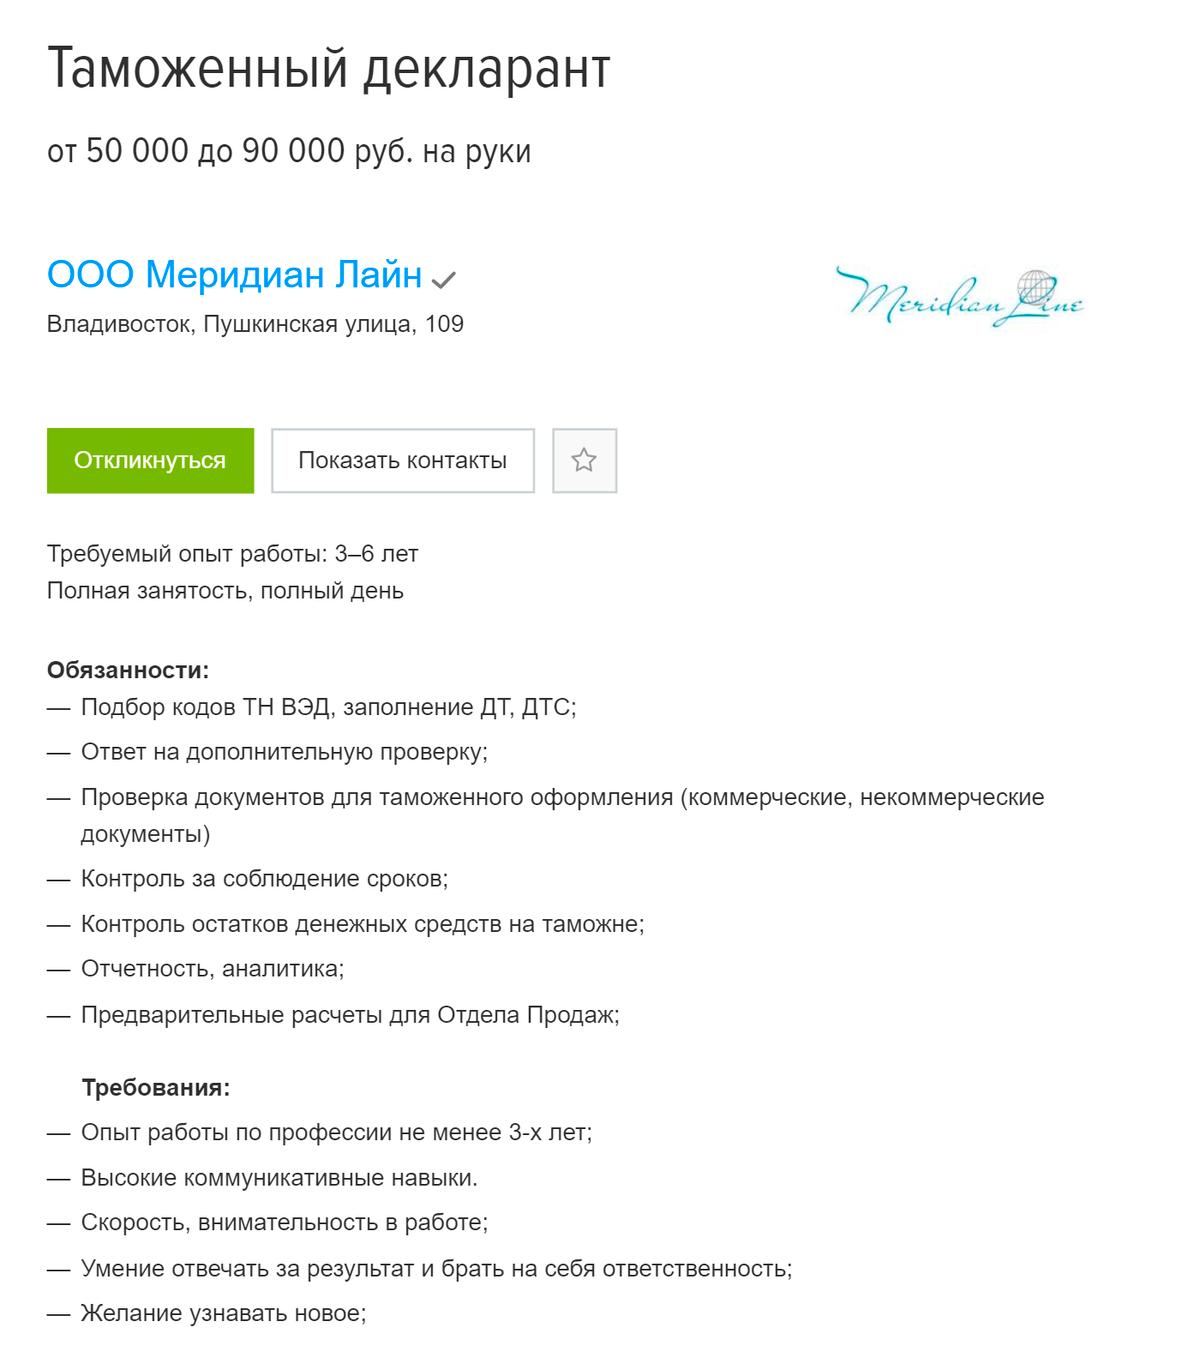 Компания из Владивостока предлагает должность декларанта с зарплатой от 50 000<span class=ruble>Р</span> до 90 000<span class=ruble>Р</span>. Требуют опыт работы не менее 3-х лет